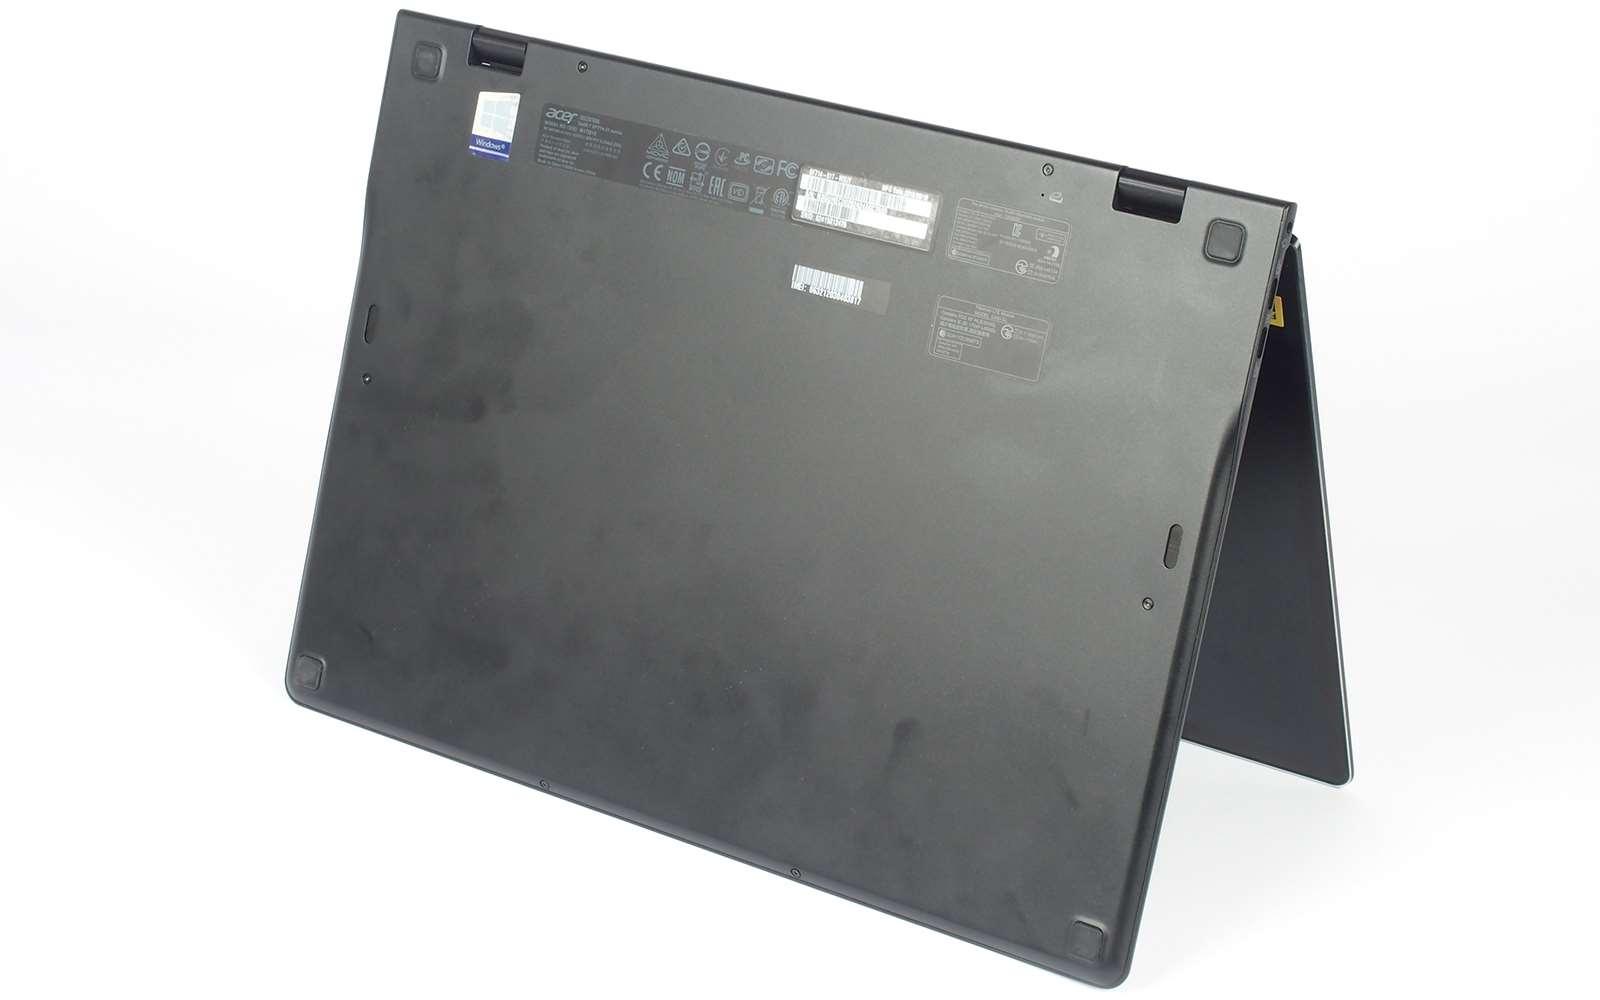 9cd9d346821 Spíše střídmý design nemá potřebu křičet do světa výjimečnost notebooku